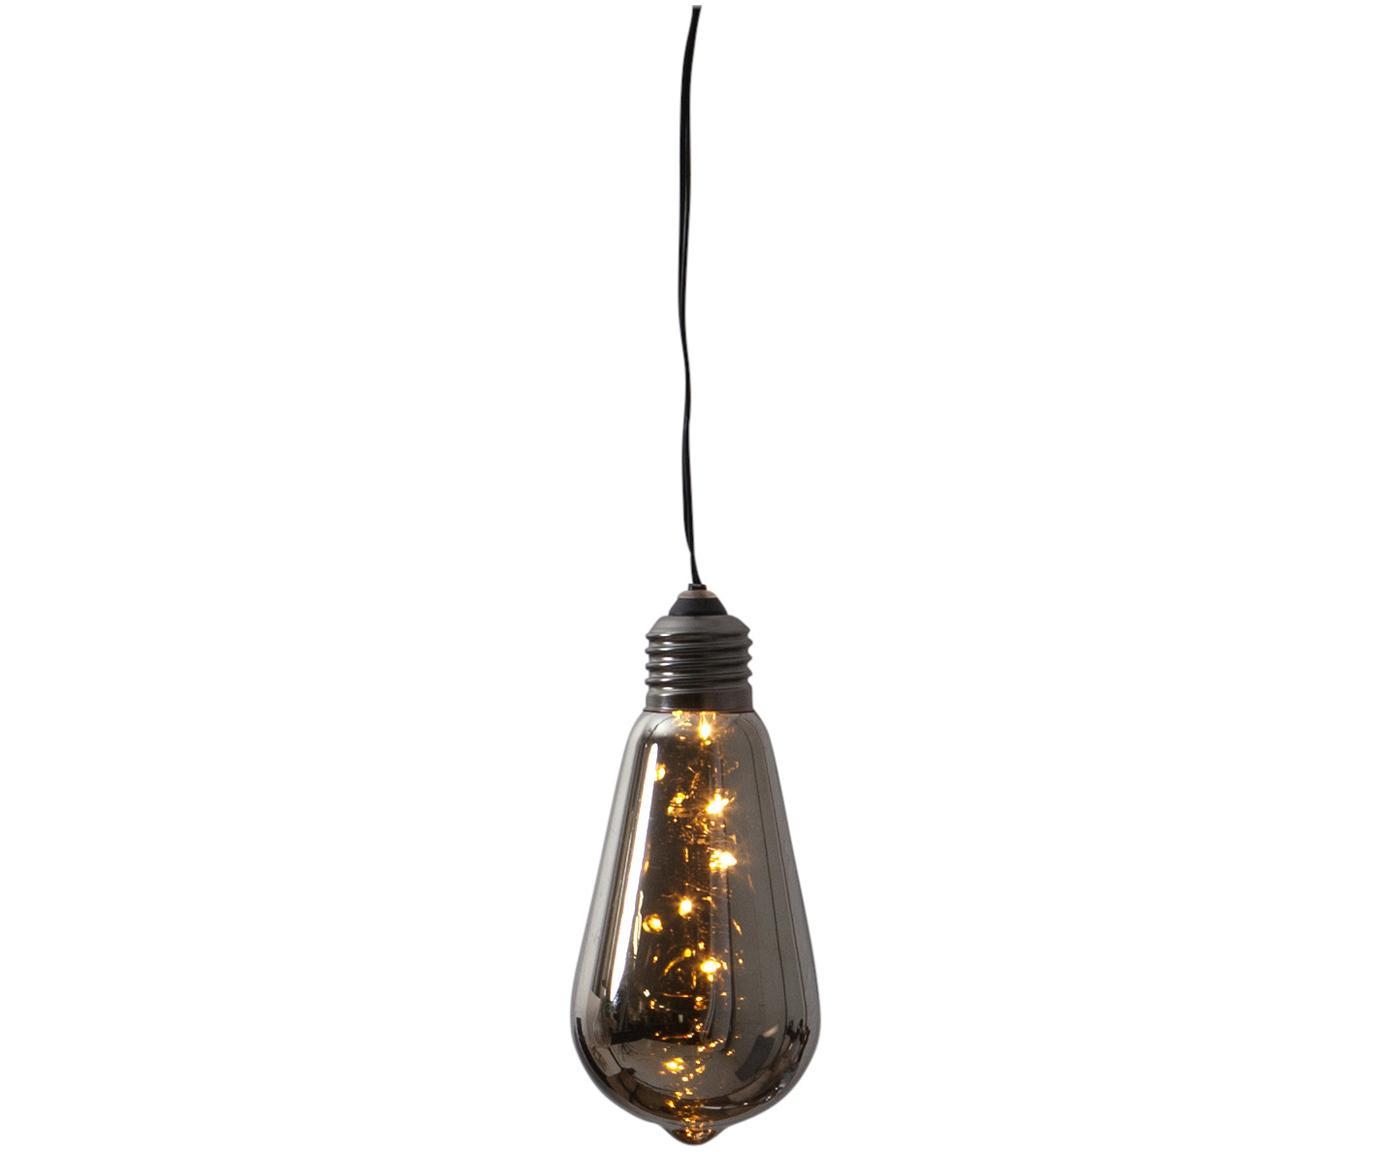 Lampa dekoracyjna LED z funkcją timera Glow, 2szt., Czarny, Ø 6 x W 13 cm